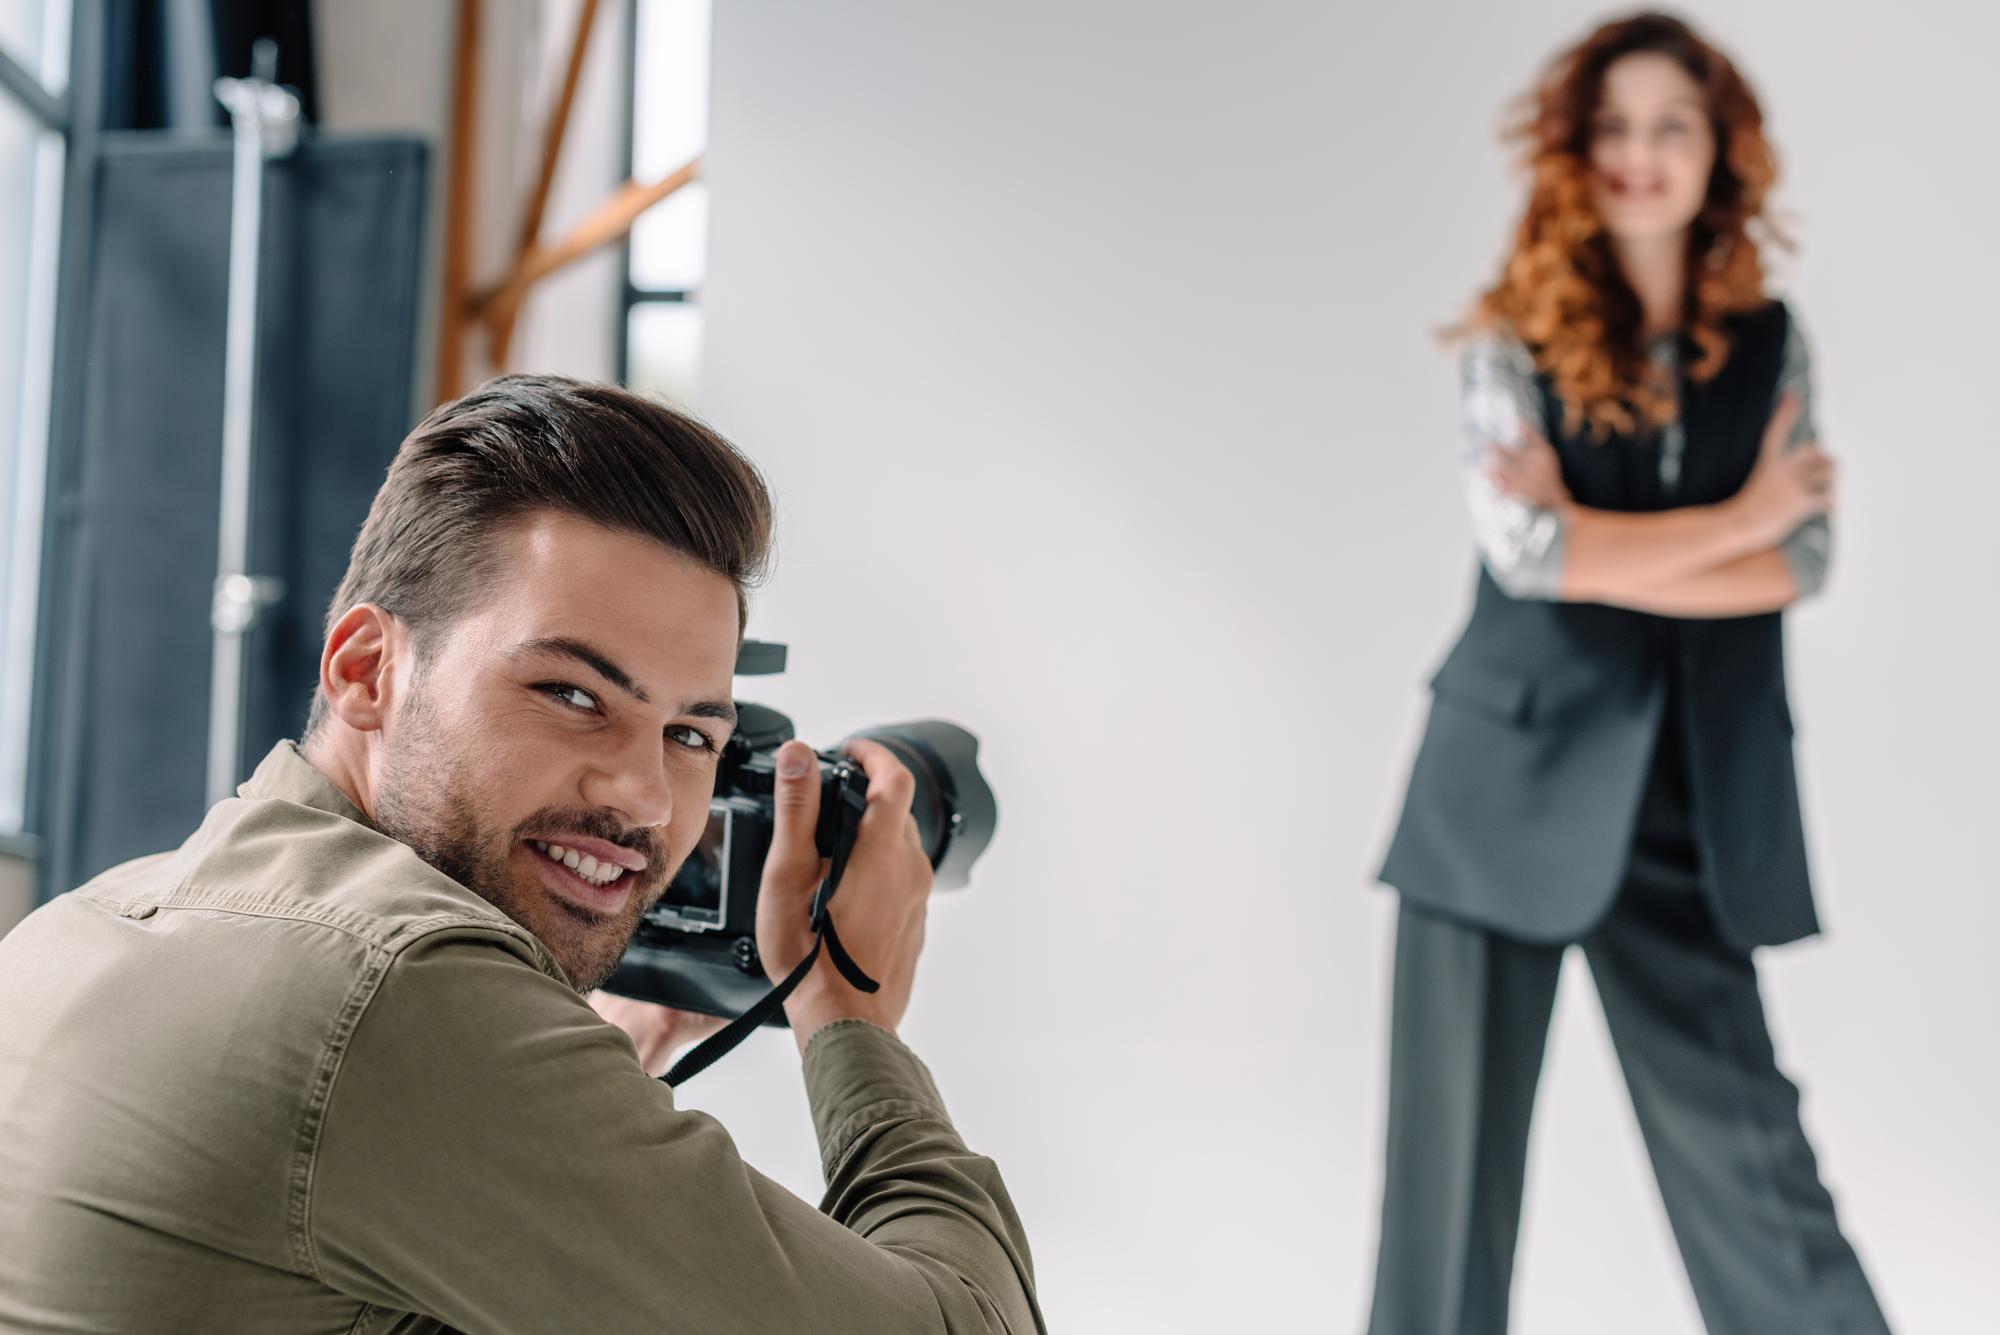 fotografer hænger sammen med modeller en mand spænding ride dating